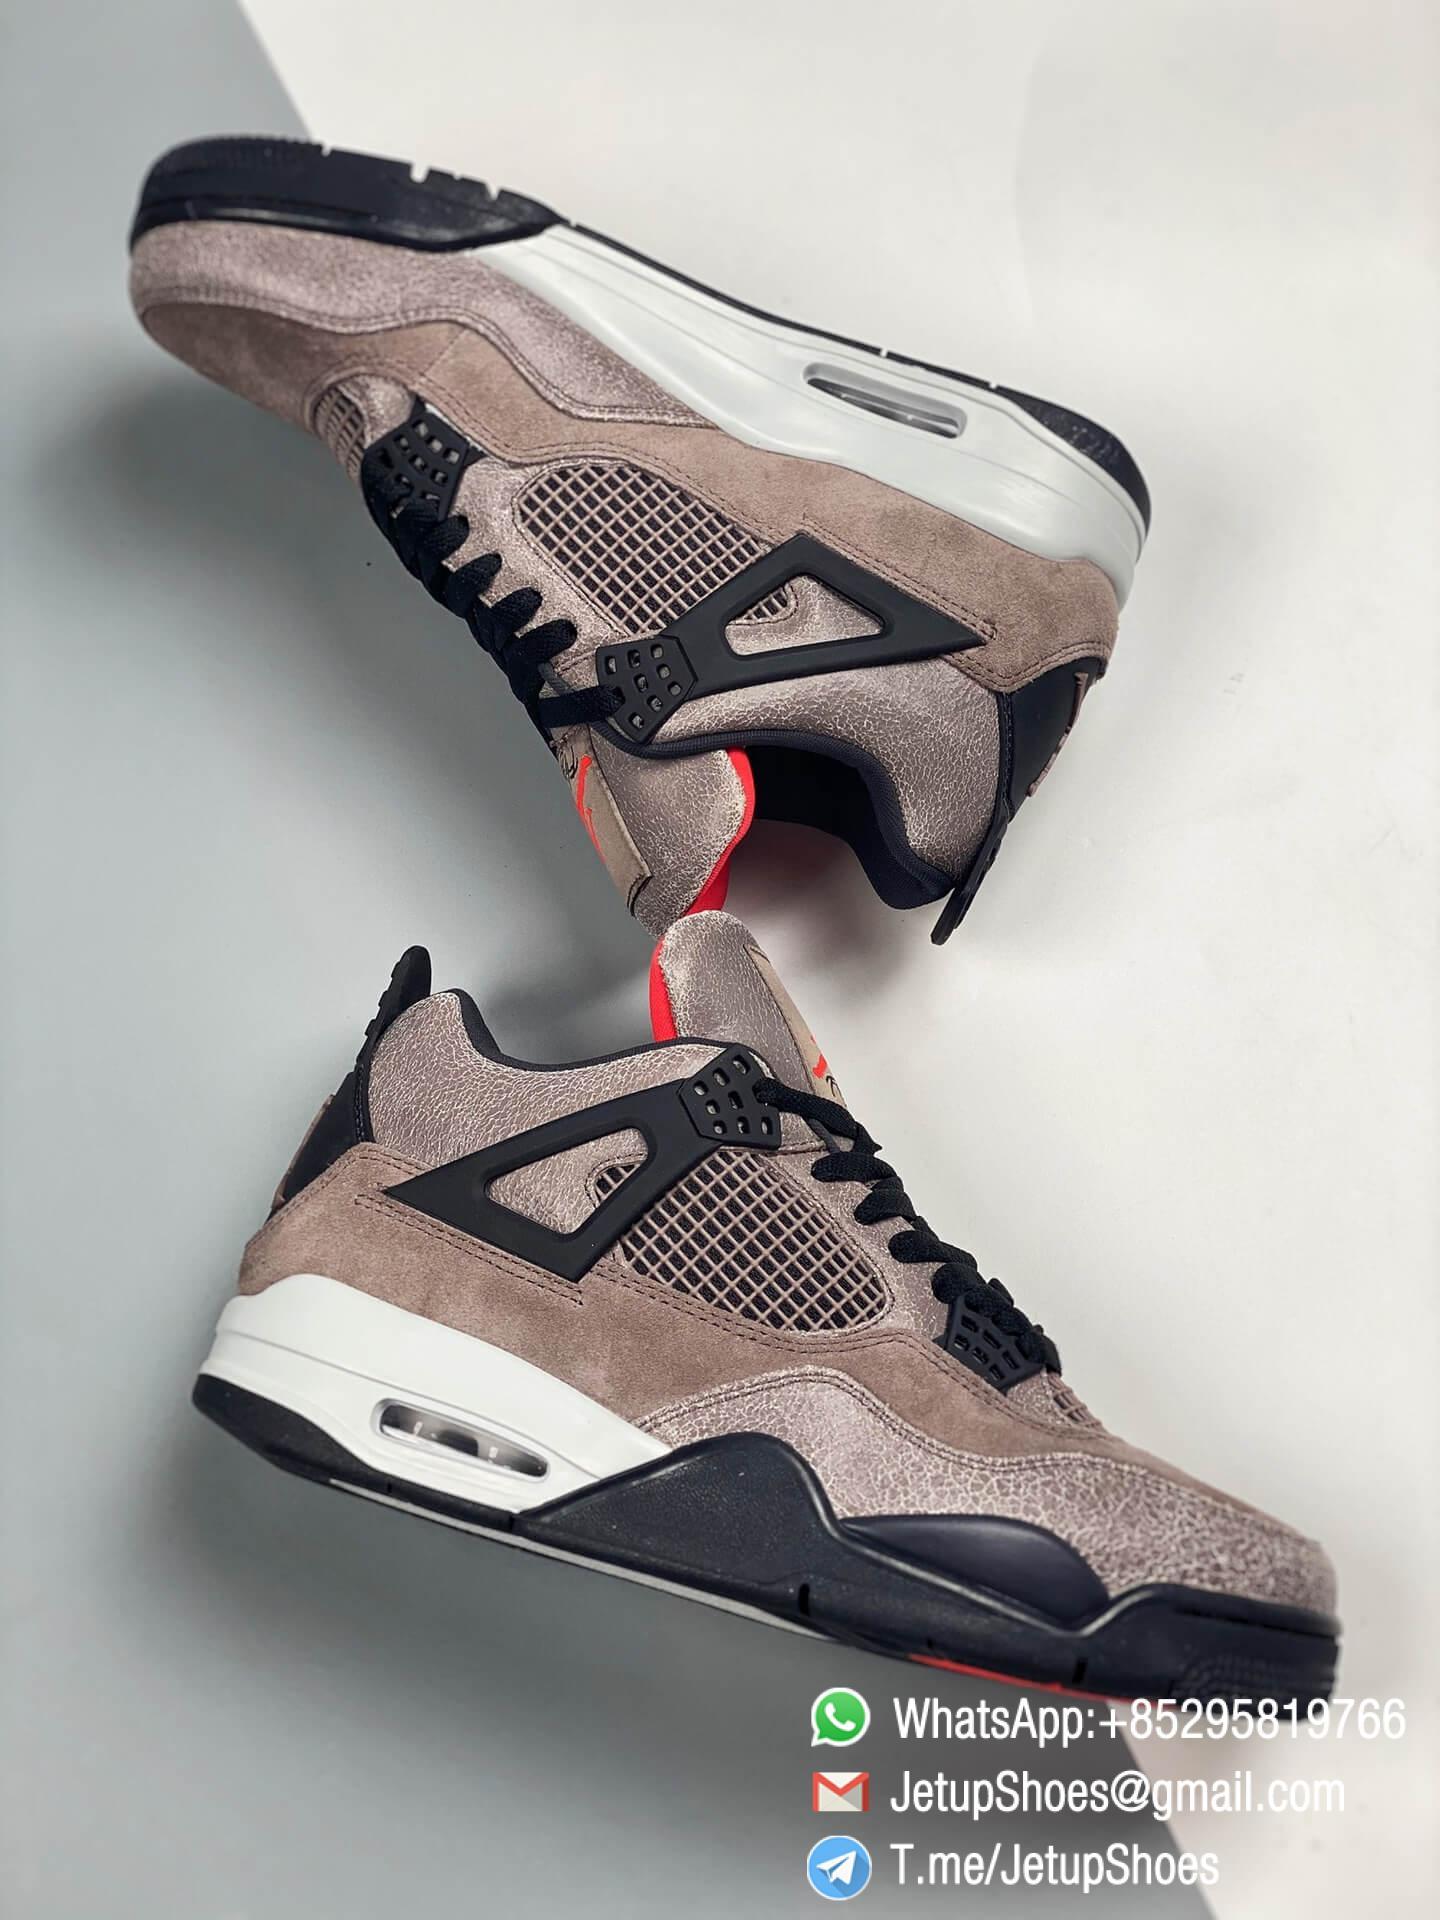 Repsneakers Air Jordan 4 Retro Taupe Haze DB0732 200 Best Replica Sneakers 08